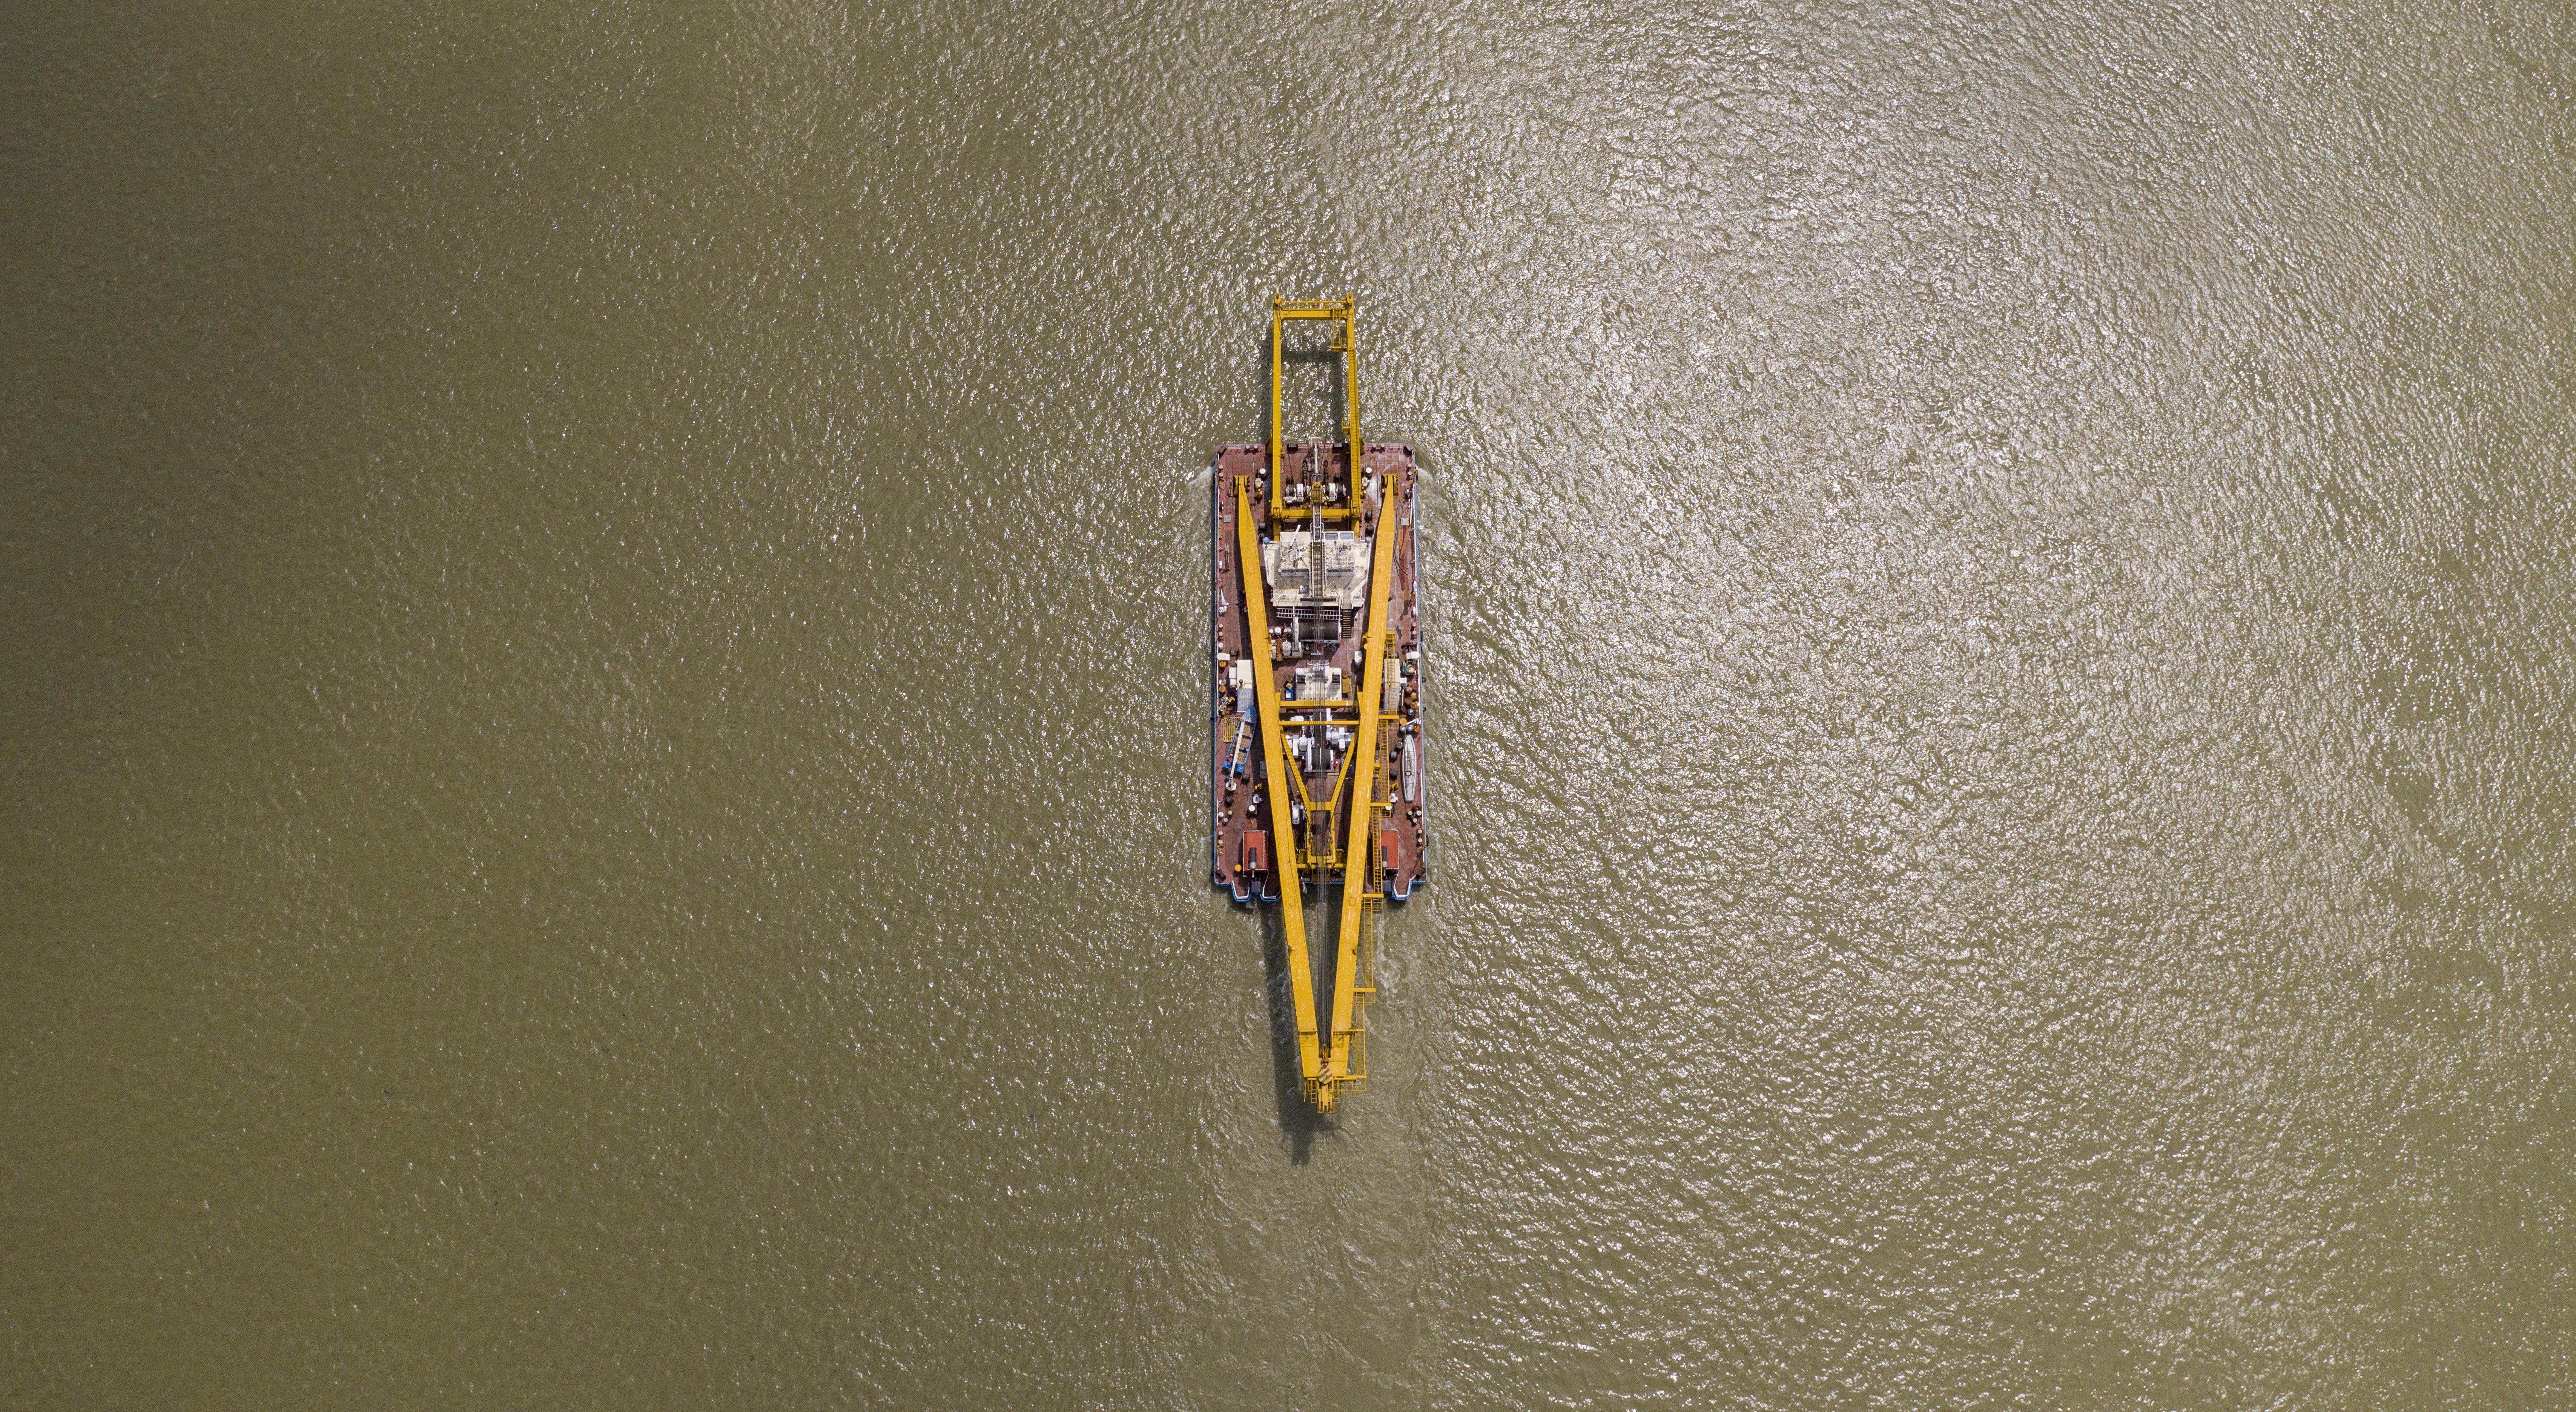 Engedély nélküli drónozás miatt intézkedtek a rendőrök az Árpád hídnál